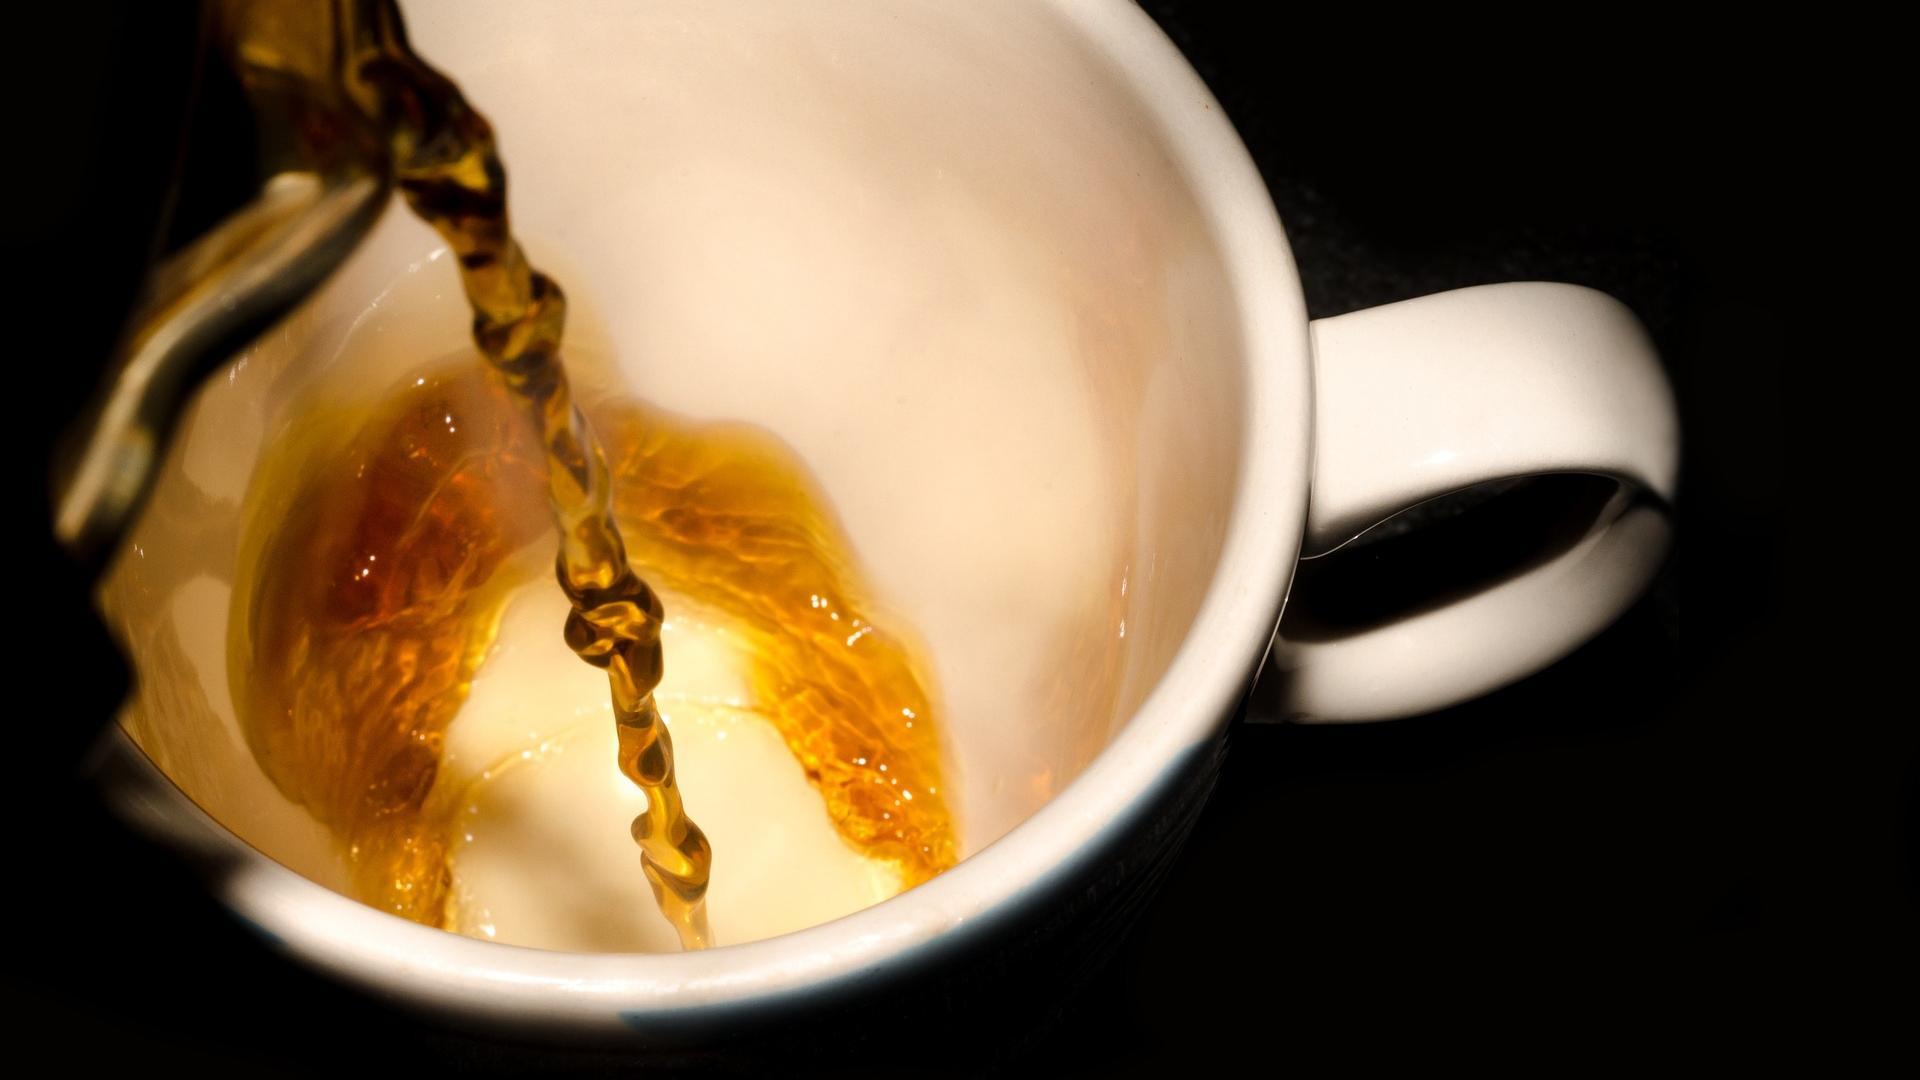 Ist Kaffee gesund oder ungesund?